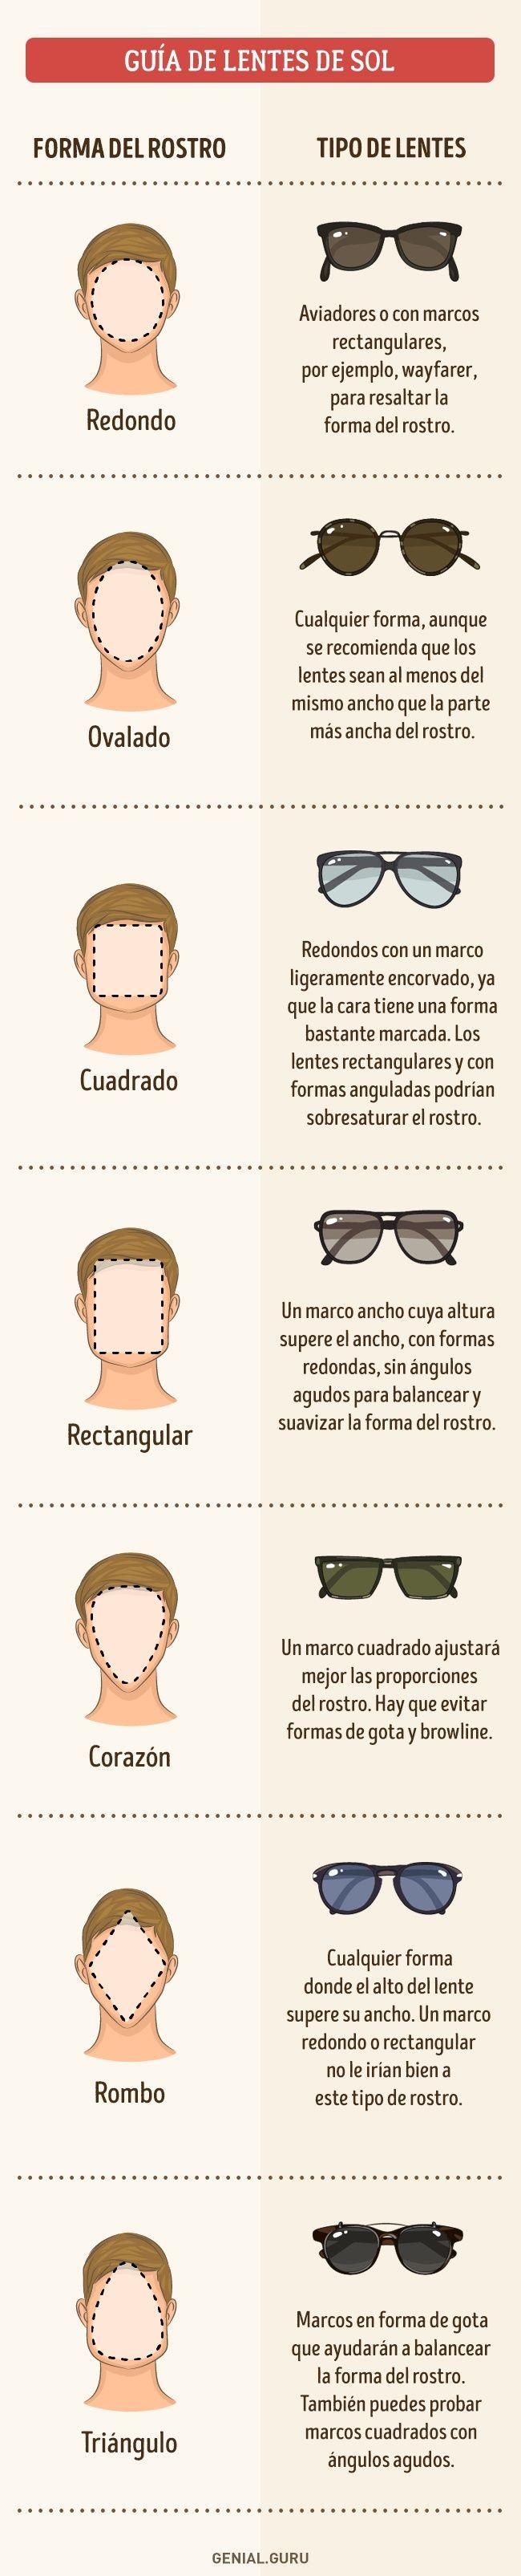 Guía de lentes de sol